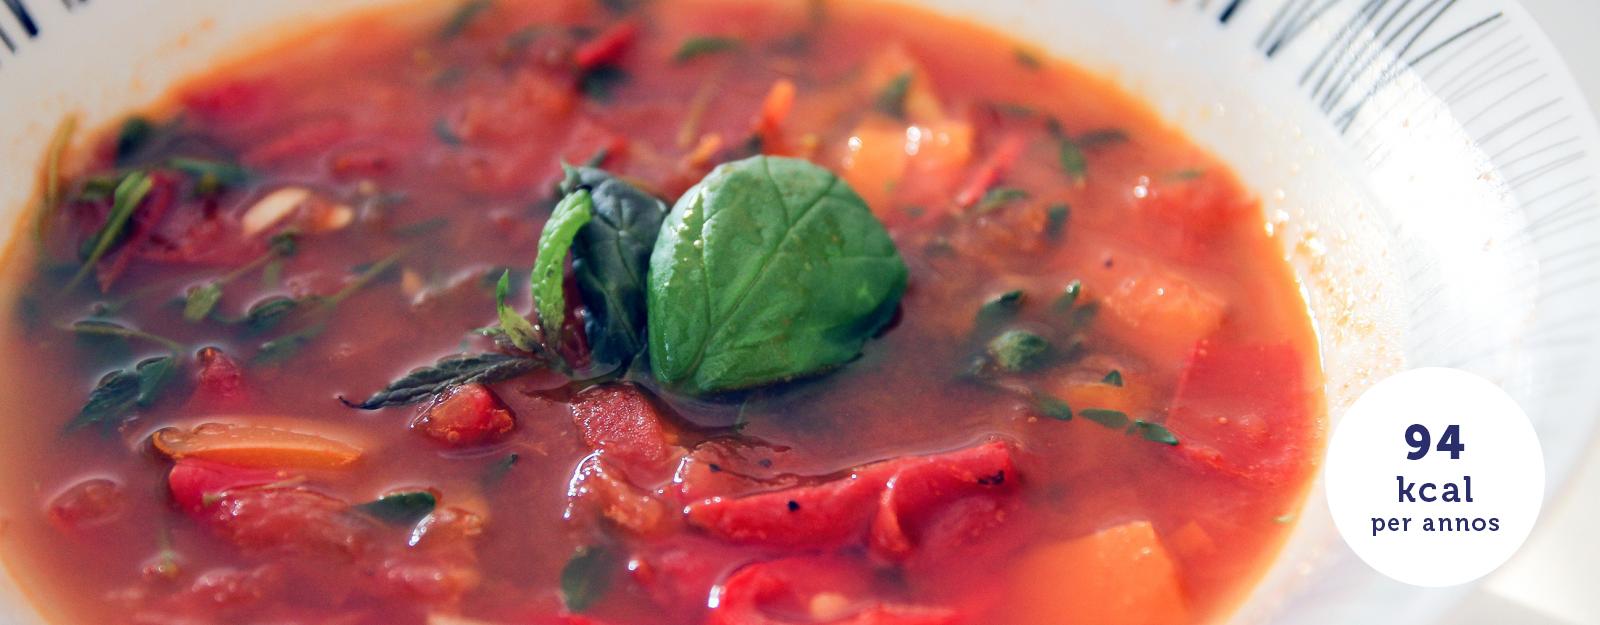 Kevyempi tomaattikeitto